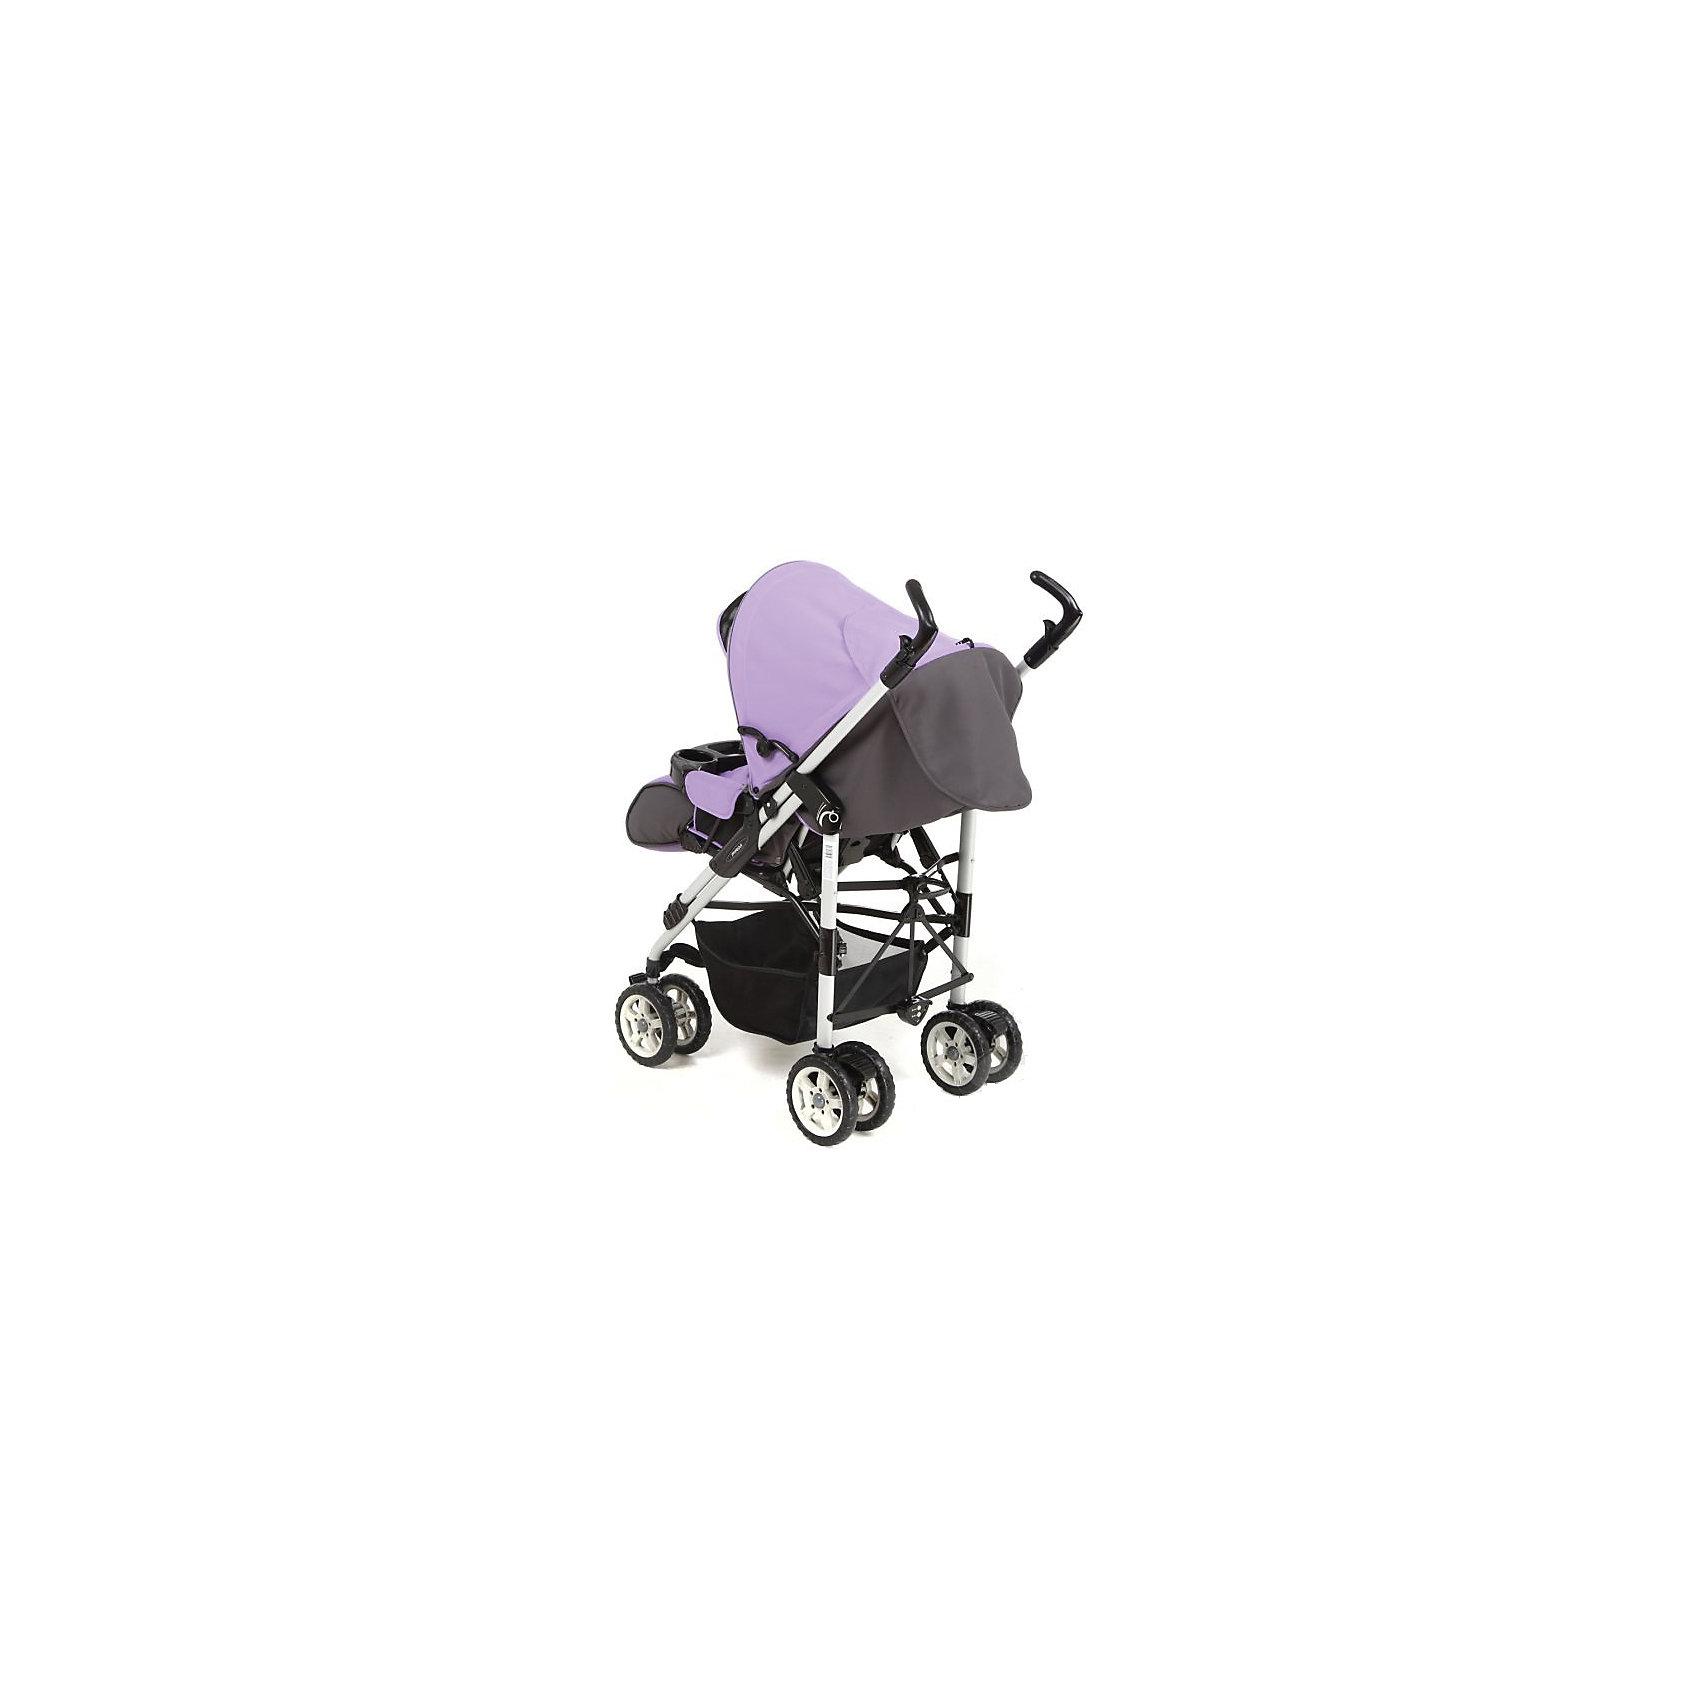 Коляска-трость Capella S-321, фиолетовый